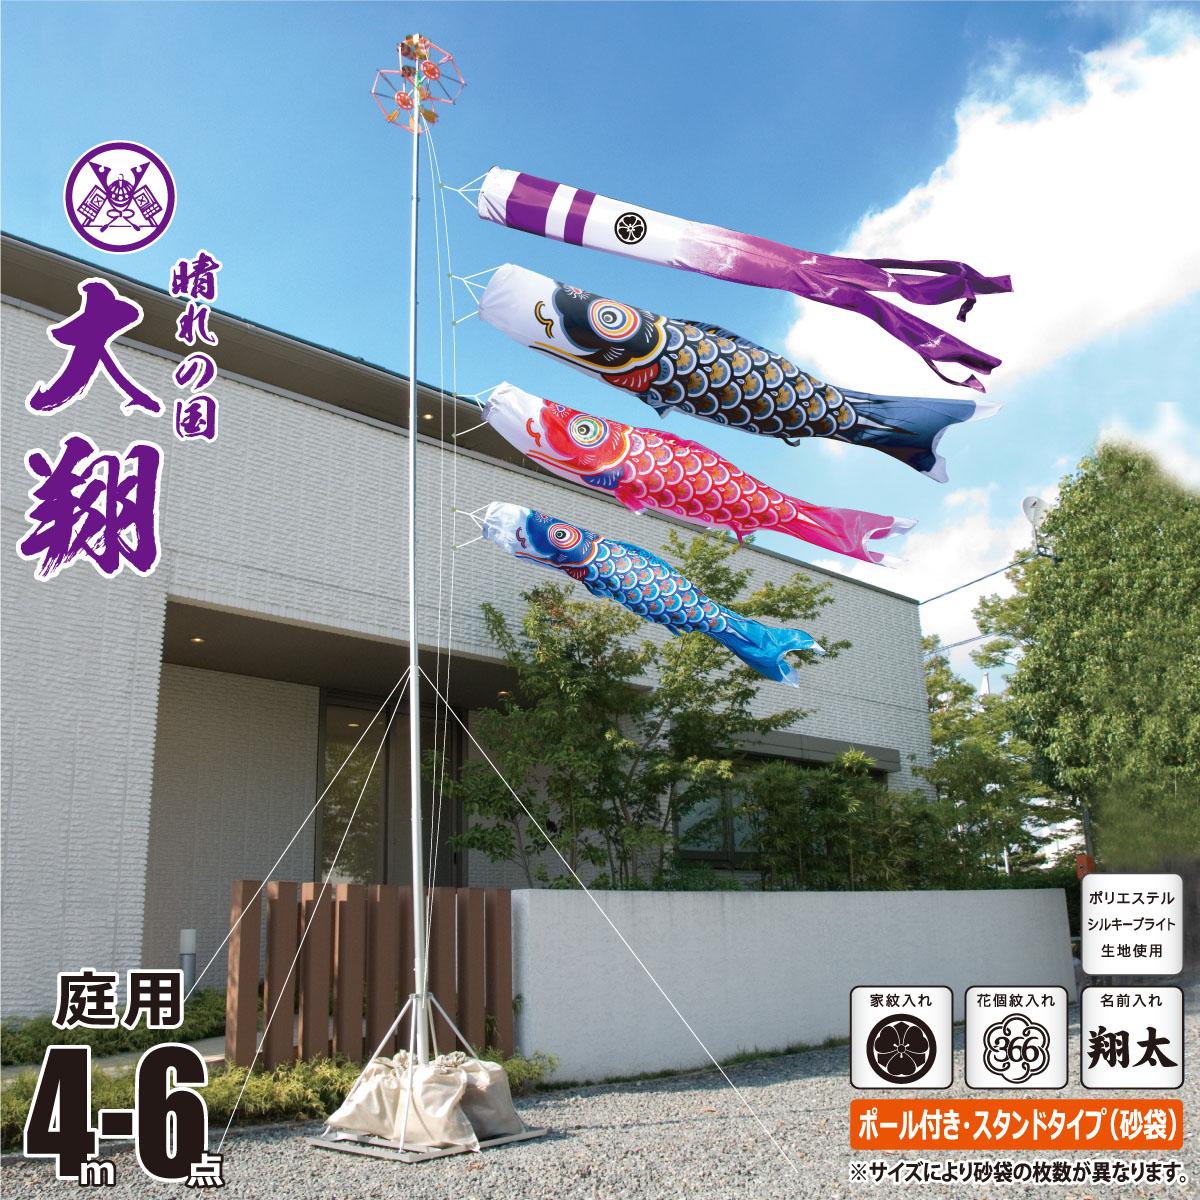 こいのぼり 4m 大翔 6点 (矢車、ロープ、吹流し、鯉3匹) 庭園用 スタンドセット (庭用 スタンド 砂袋6枚入り) 徳永鯉のぼり KIT-003-890